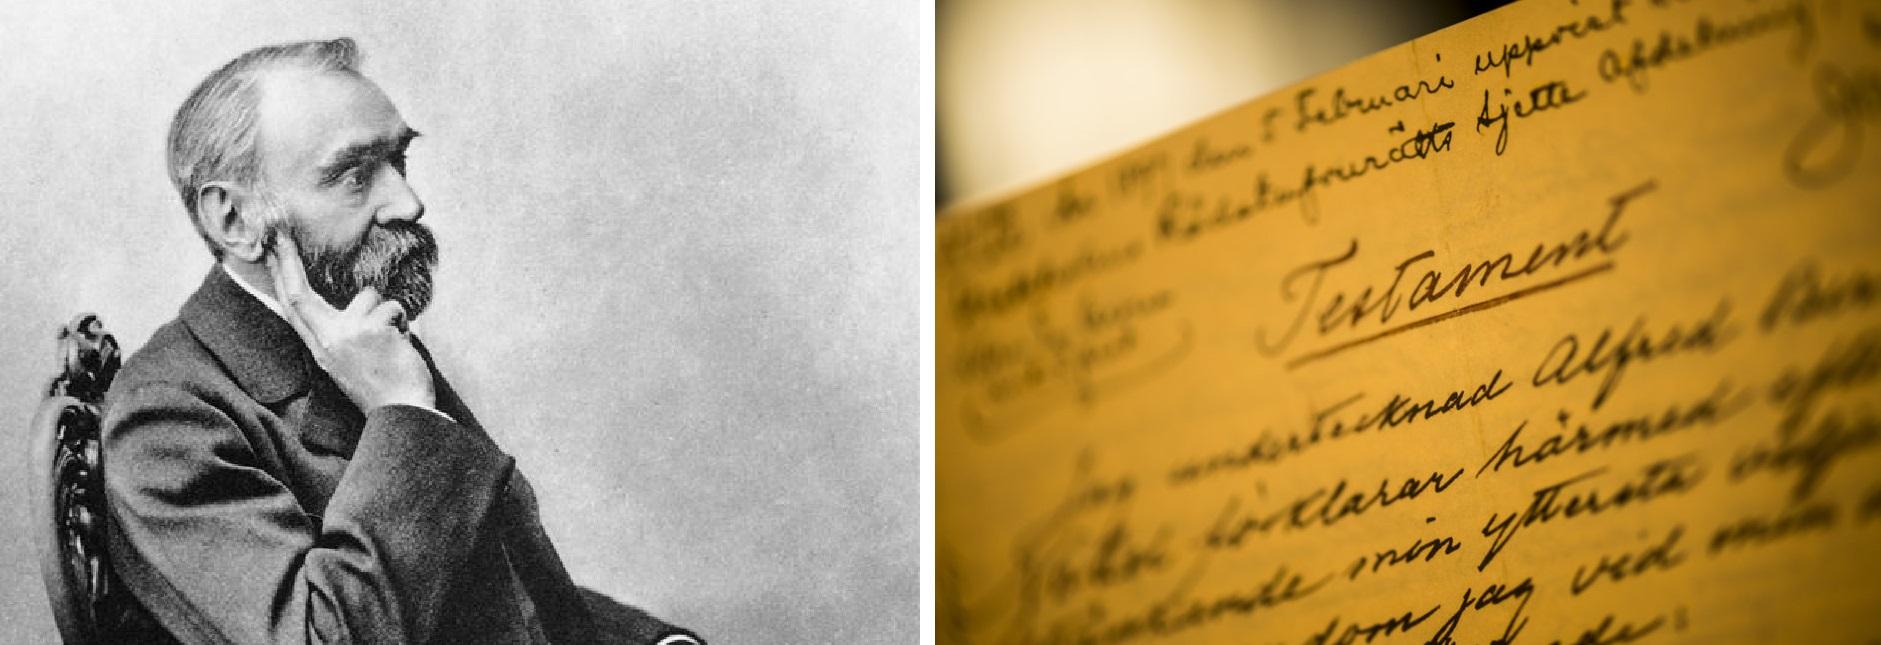 Альфред Нобель і його заповіт